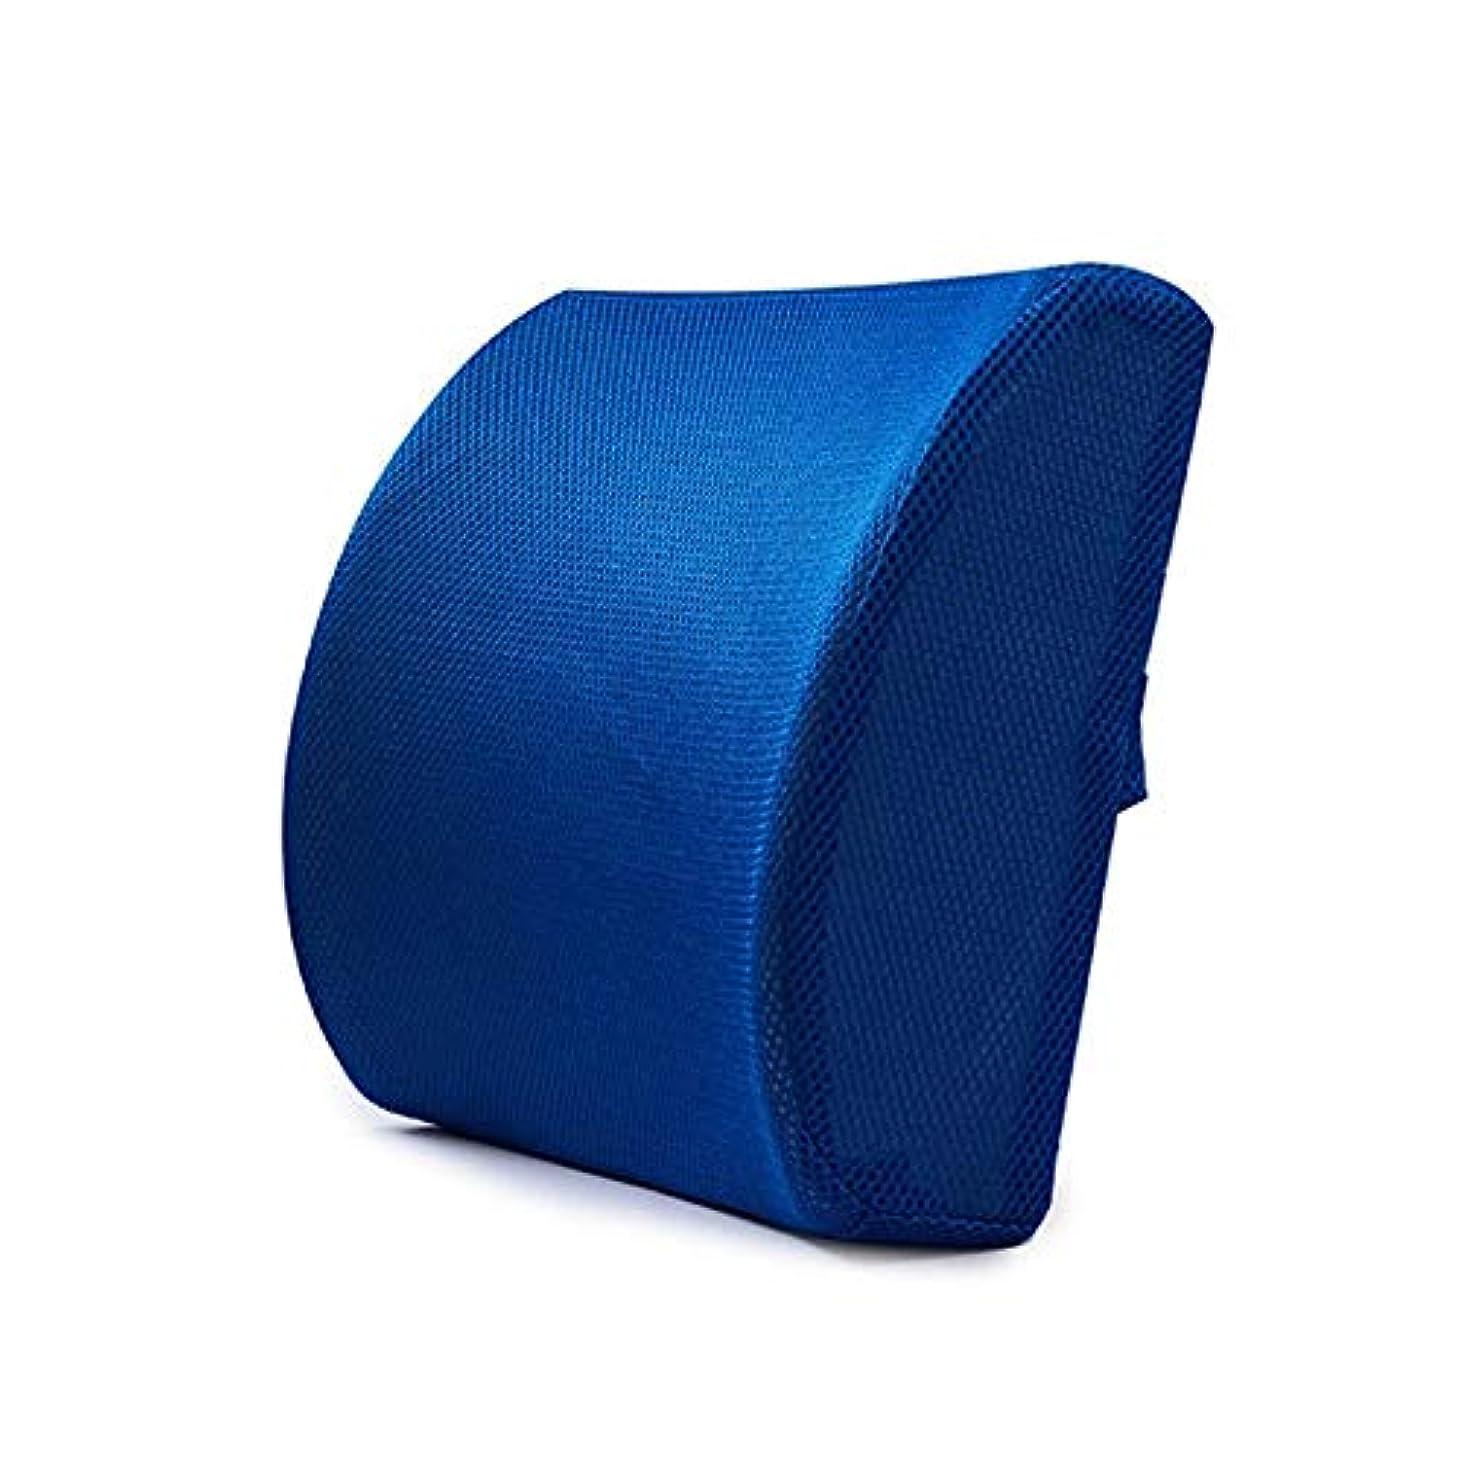 提供された死にかけているオーナメントLIFE ホームオフィス背もたれ椅子腰椎クッションカーシートネック枕 3D 低反発サポートバックマッサージウエストレスリビング枕 クッション 椅子